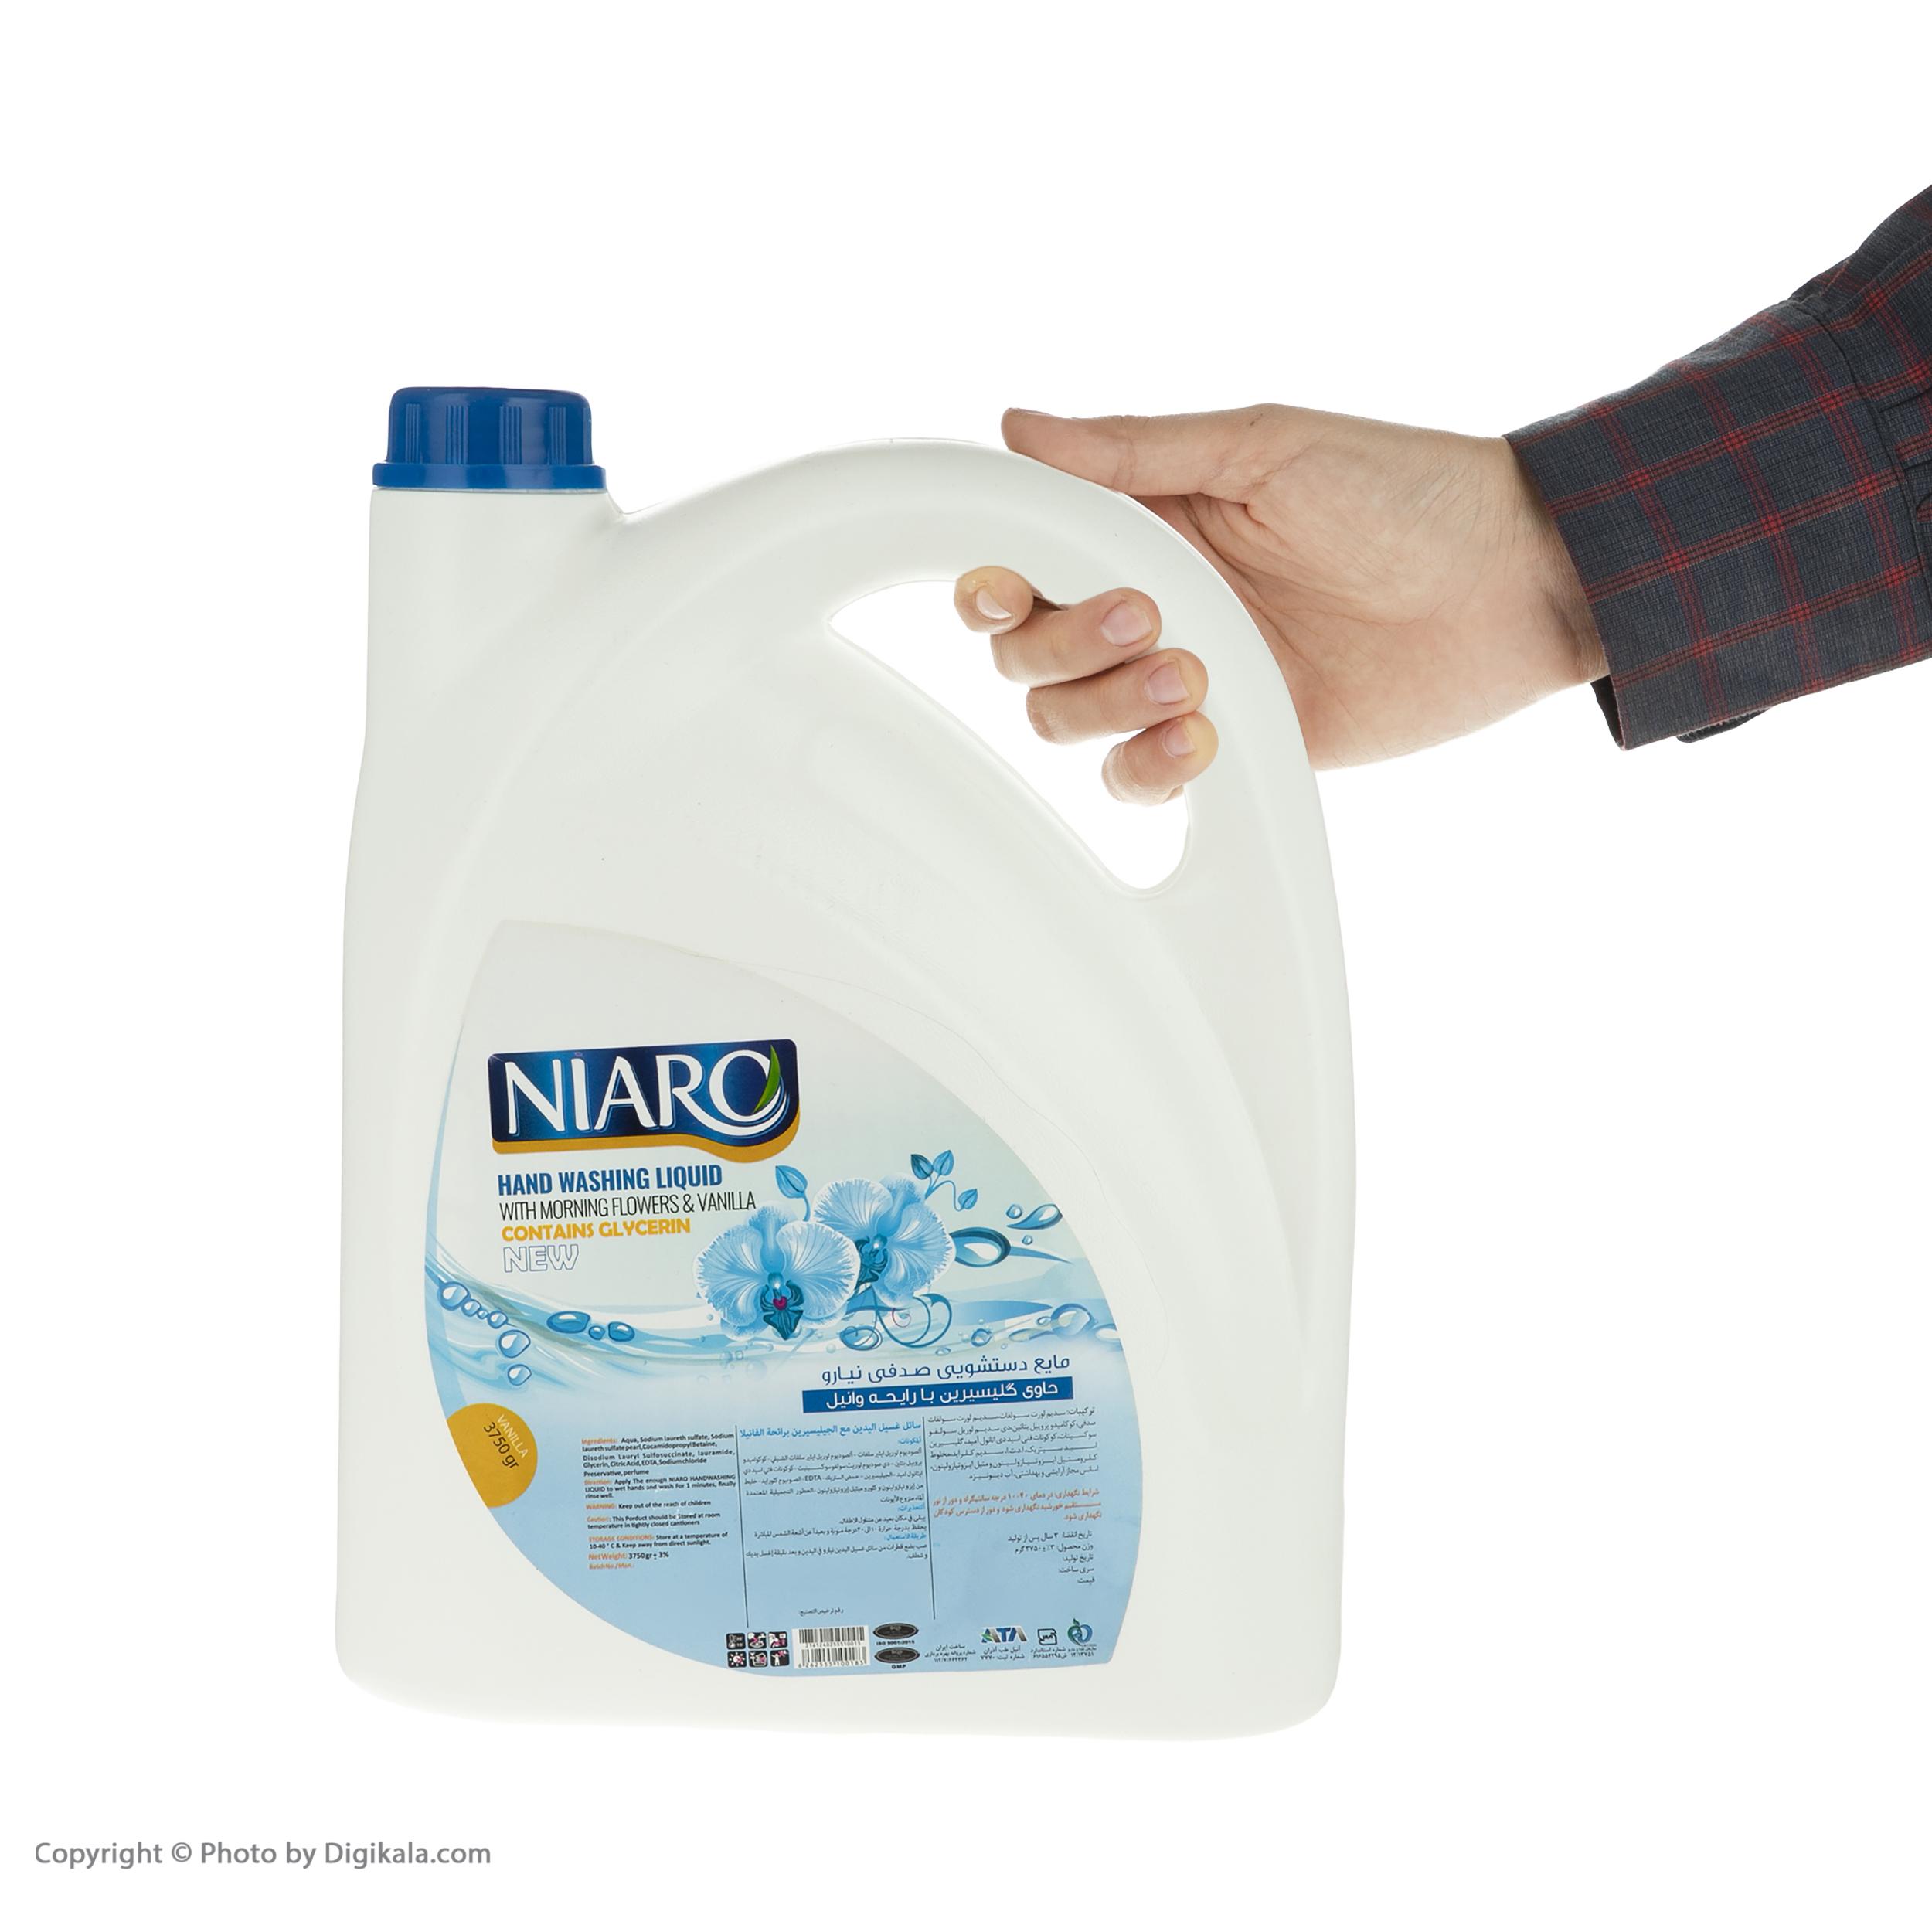 مایع دستشویی نیارو مدل وانیل حجم 3750 گرم main 1 2